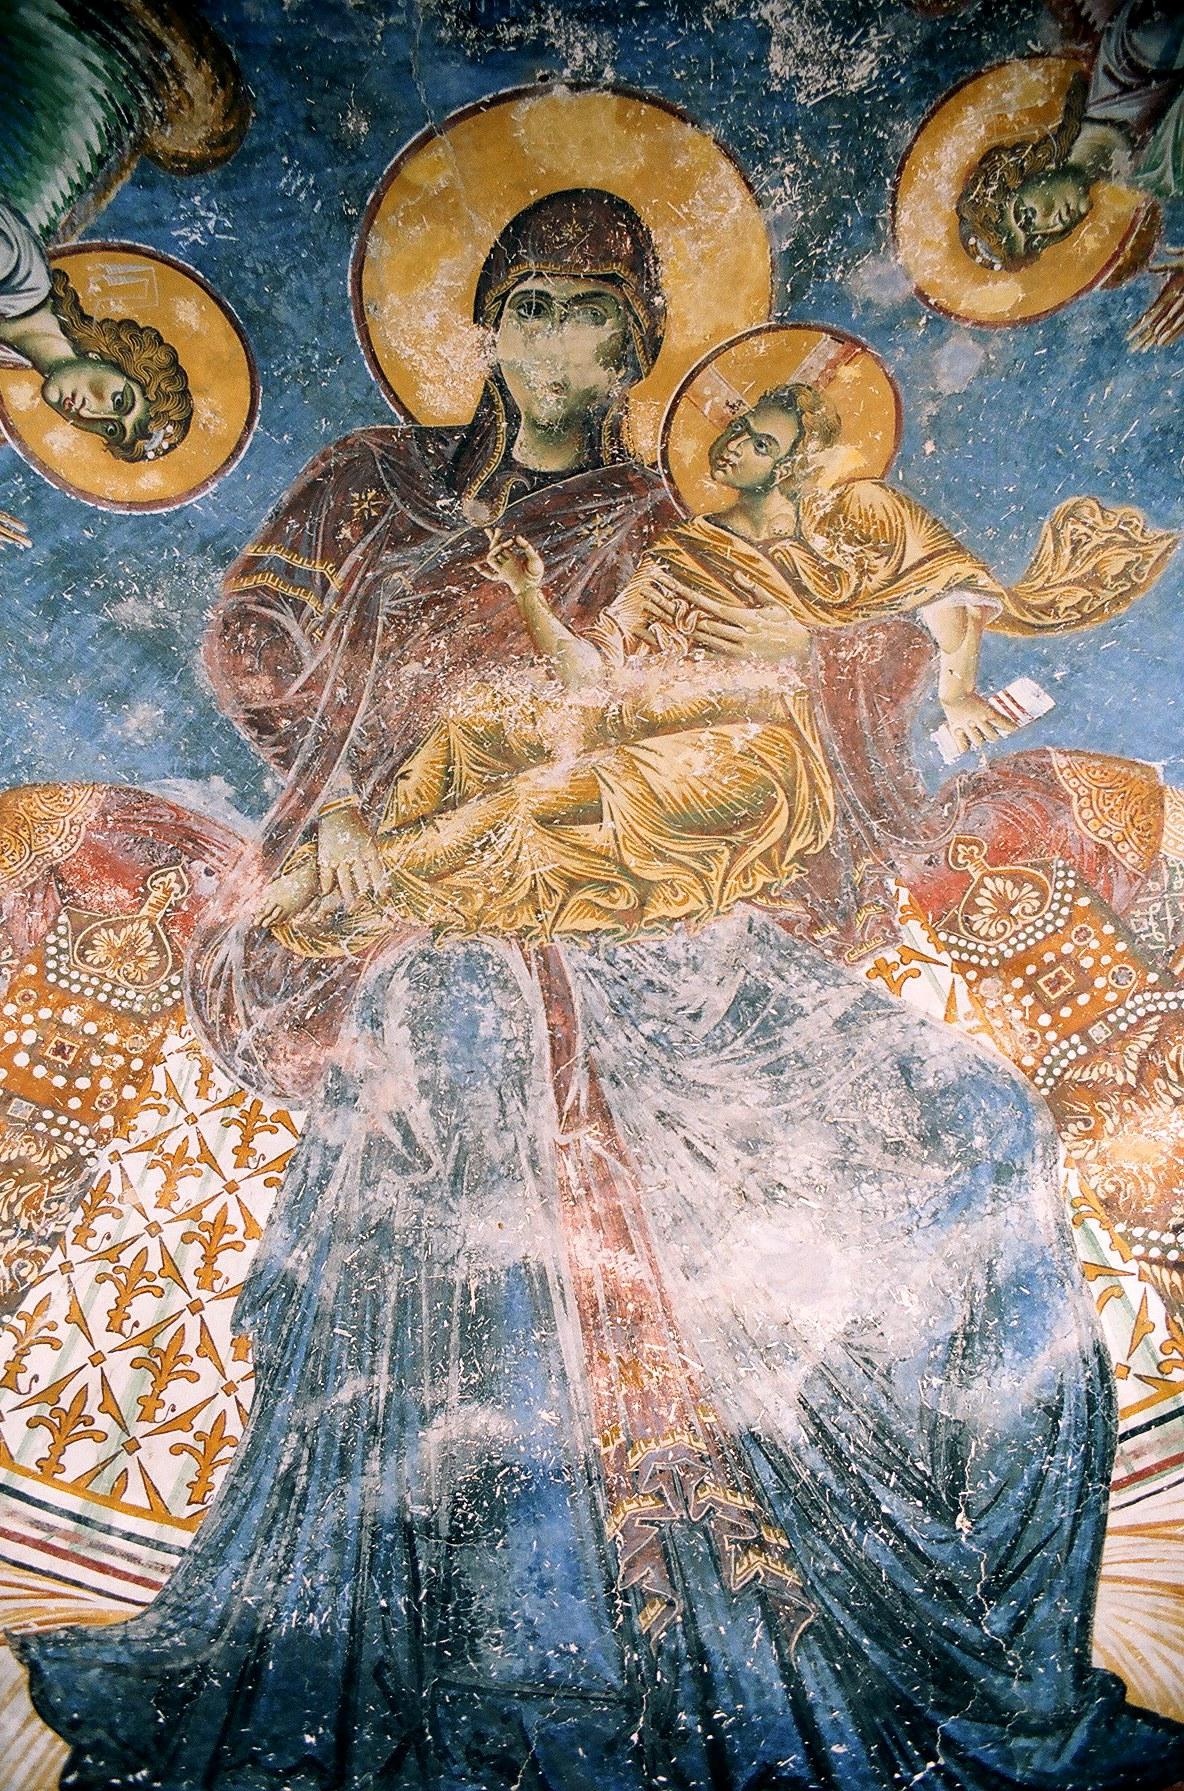 Богоматерь с Младенцем на троне. Фрагмент фрески церкви Св. Георгия в Курбиново, Македония. 1191 год.